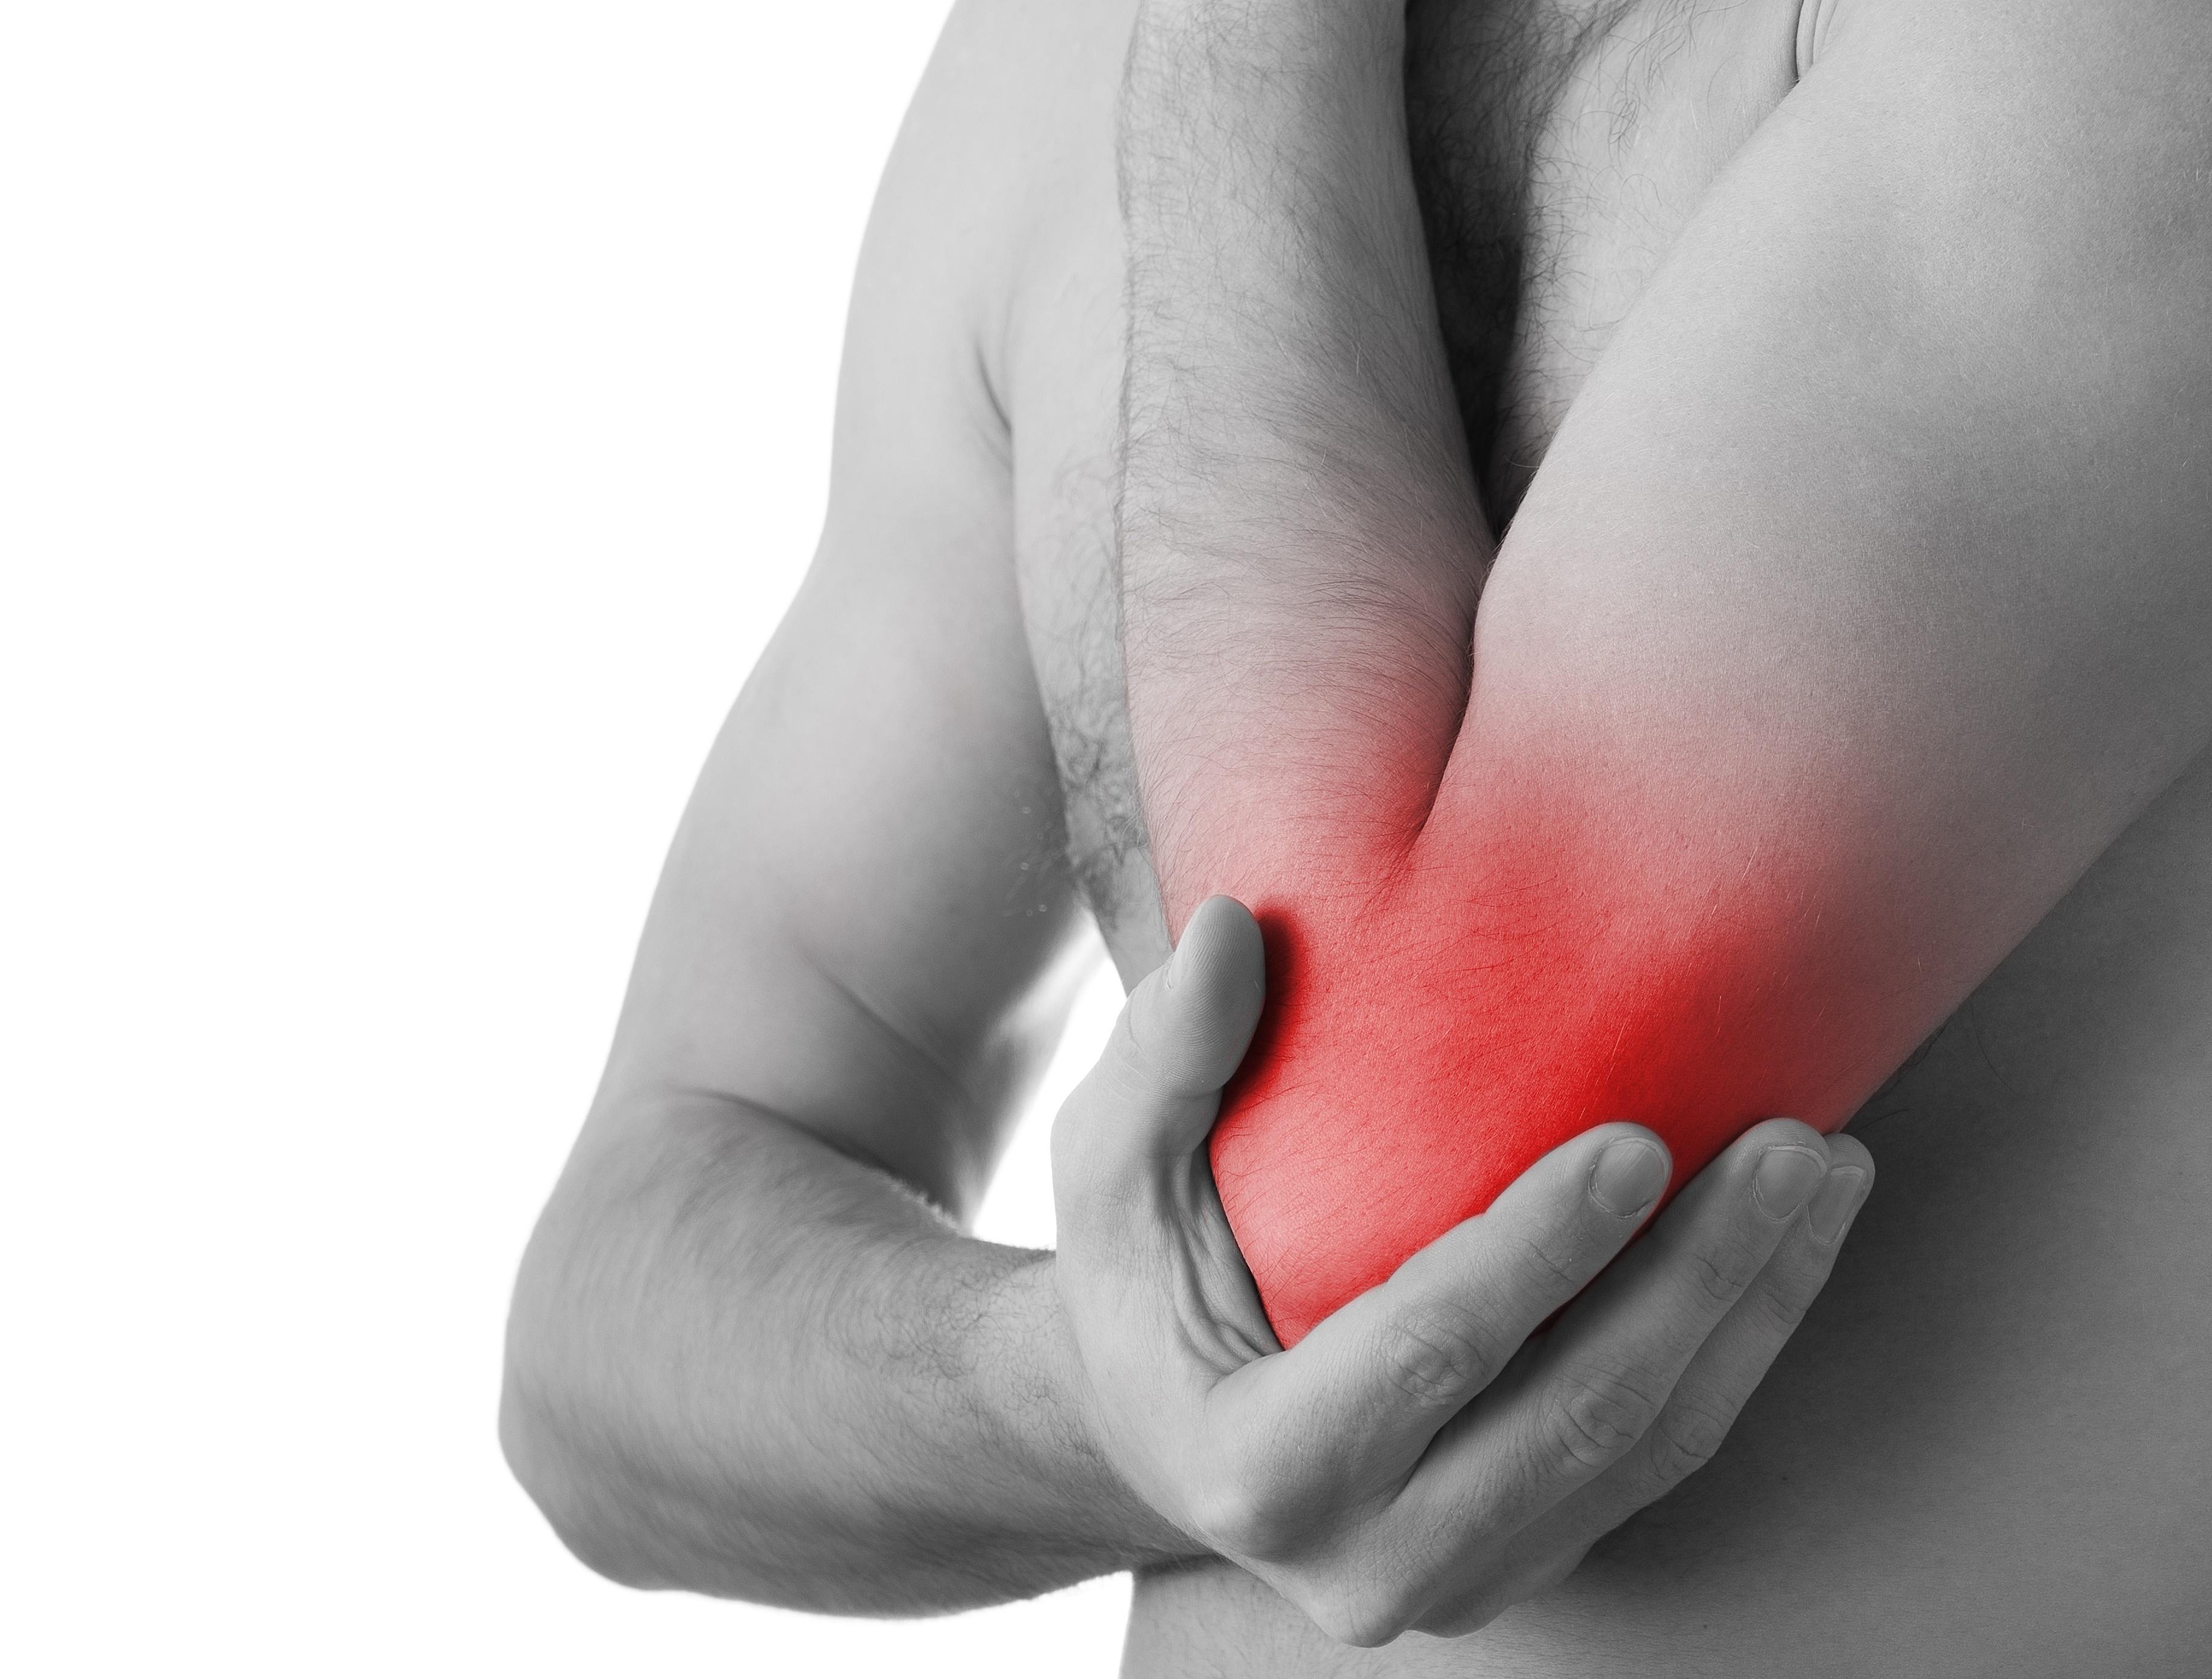 fájdalom ízületi fájdalomkezelés)